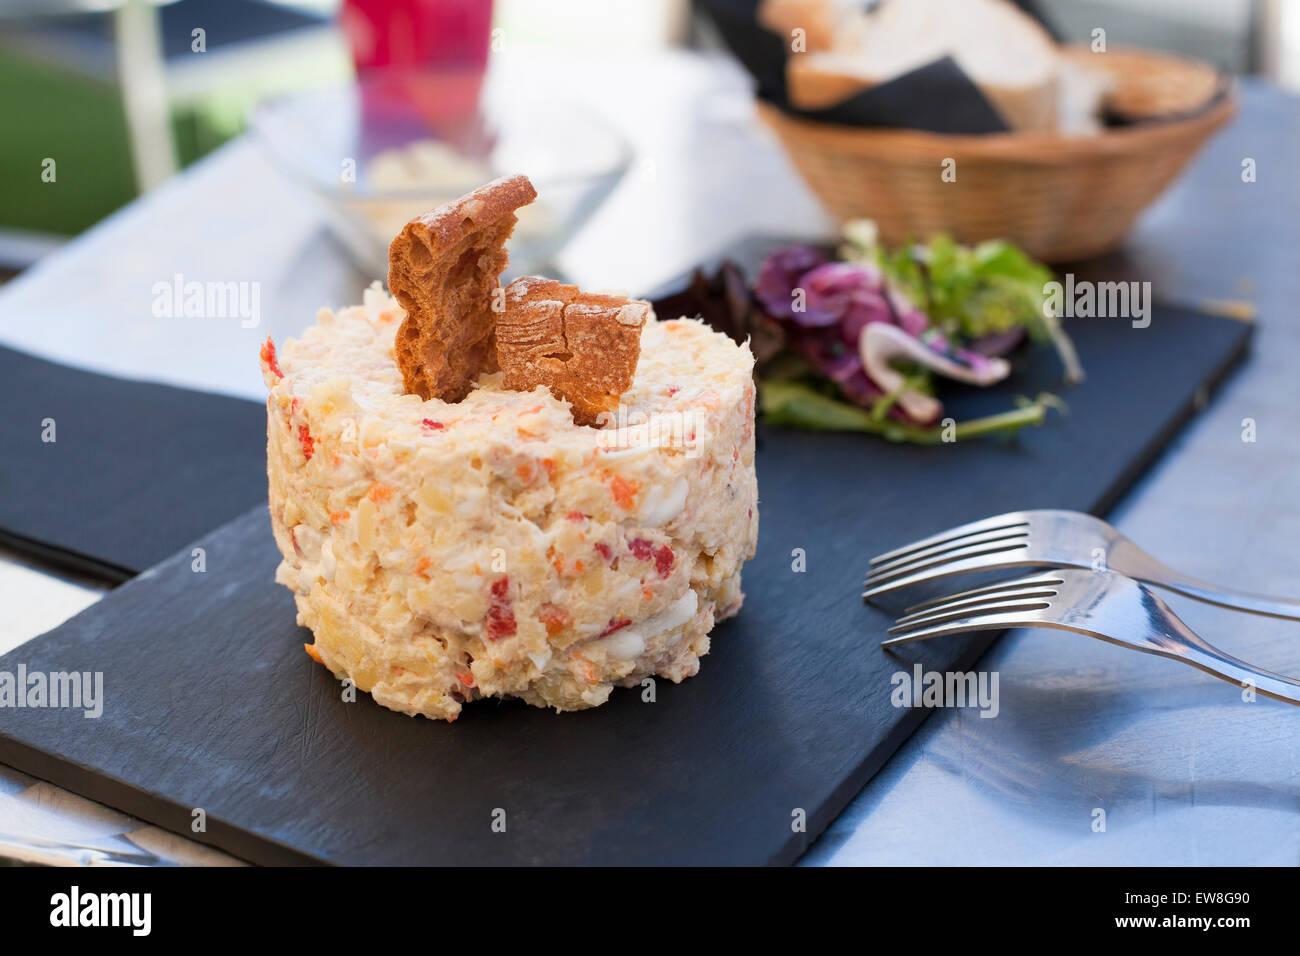 Stillleben Mit Schwarzem Schiefer Tablett Mit Typisch Spanien Essen